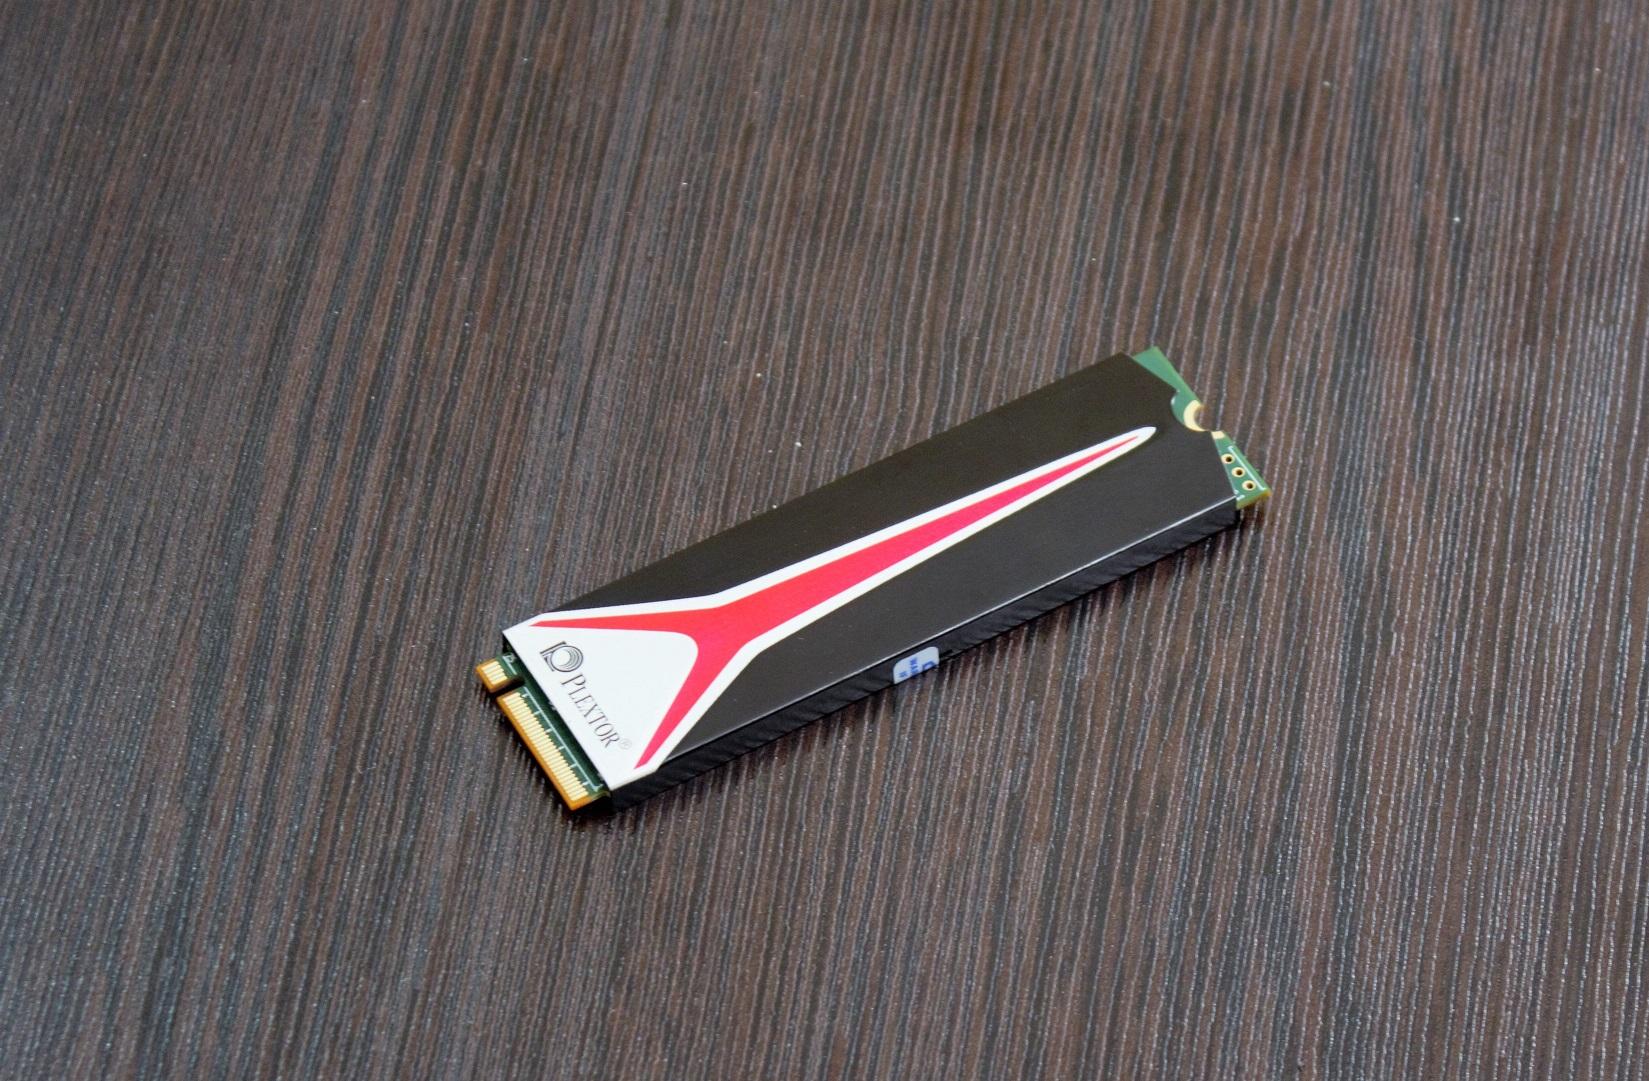 بررسی SSD M8Pe از پلکستور